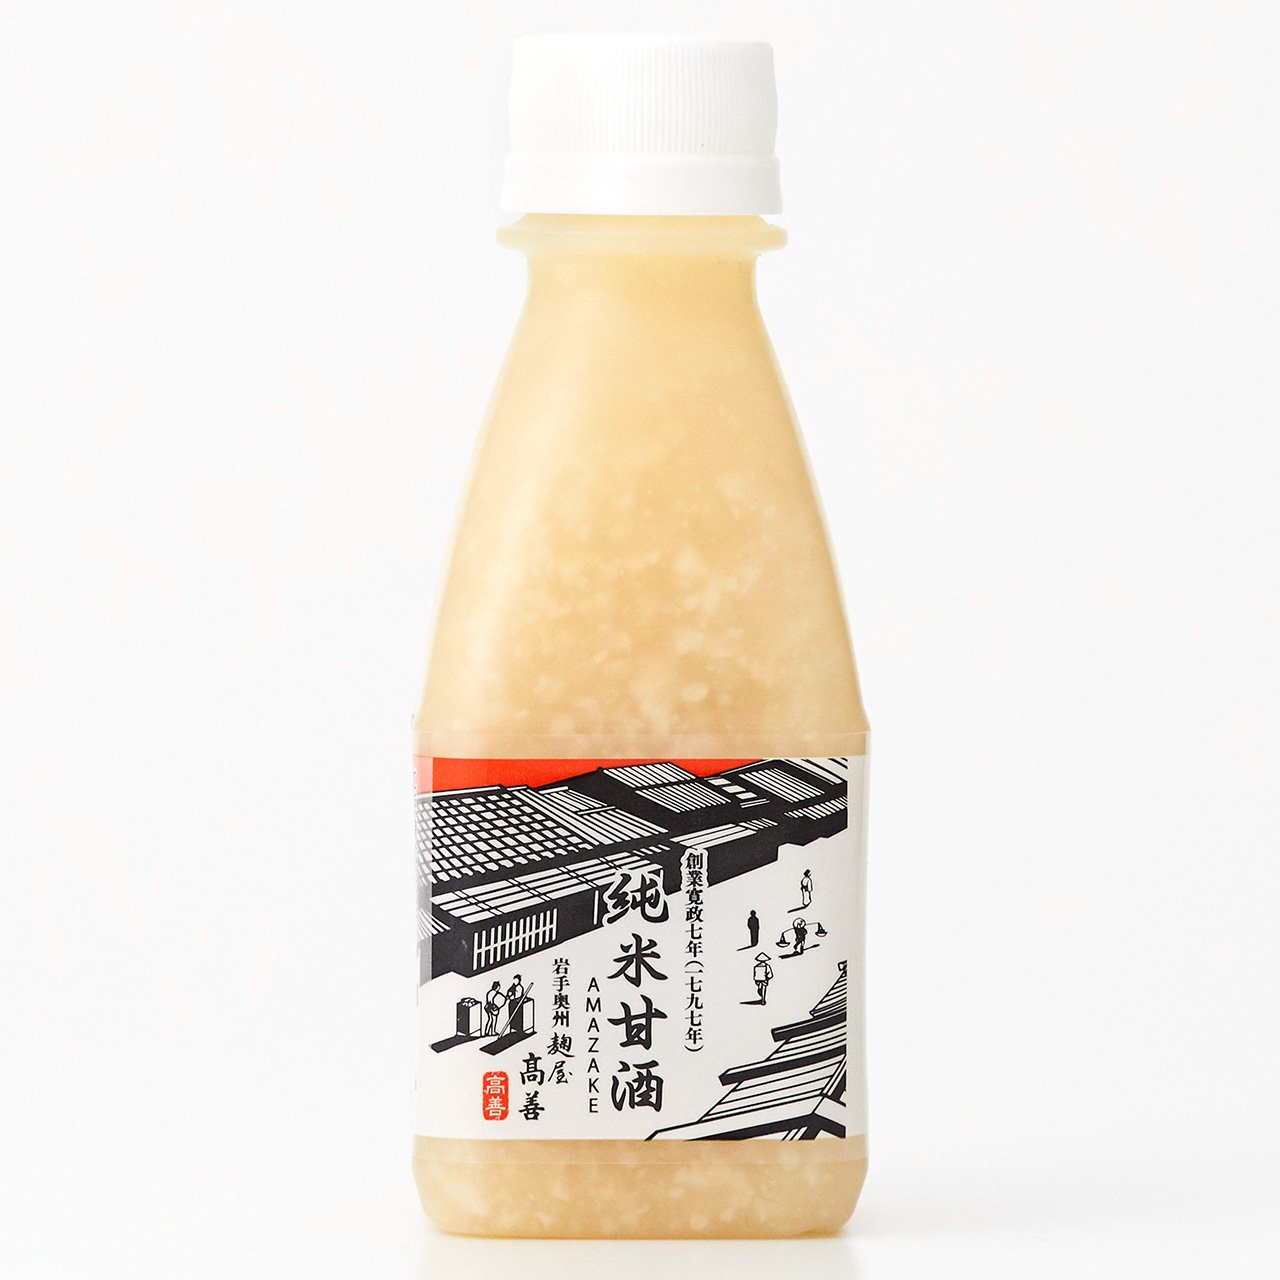 純米甘酒 200ml(ストレートタイプ)